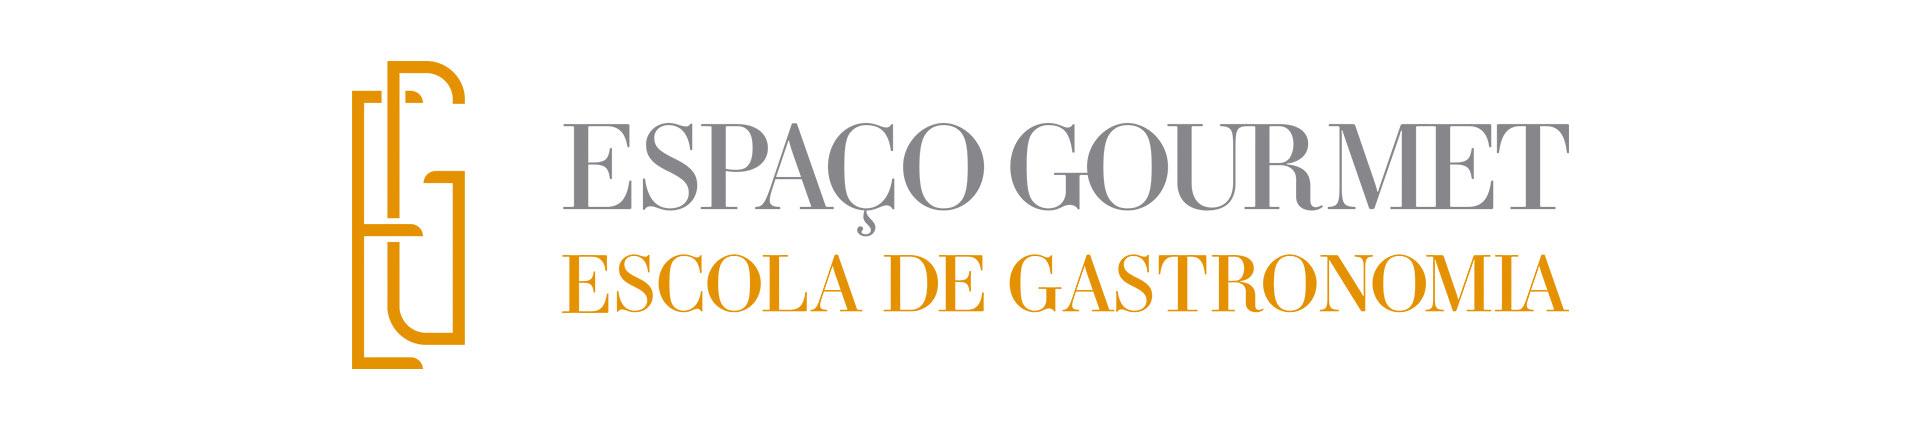 Espaço Gourmet Escola de Gastronomia